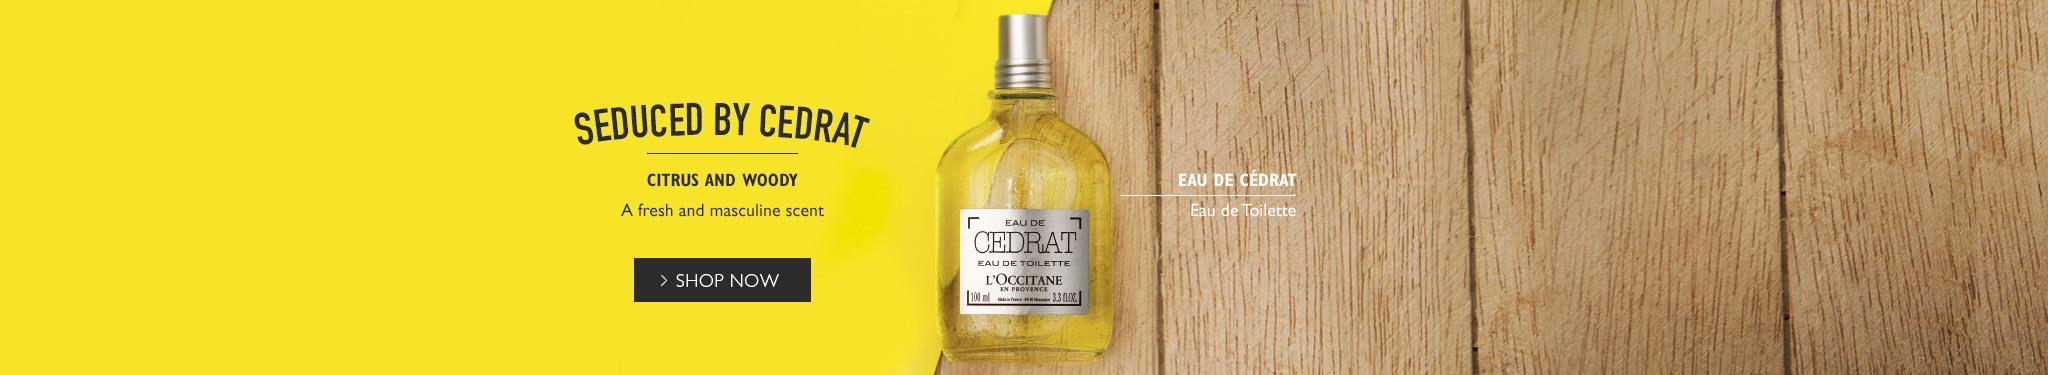 Seduced by Cedrat